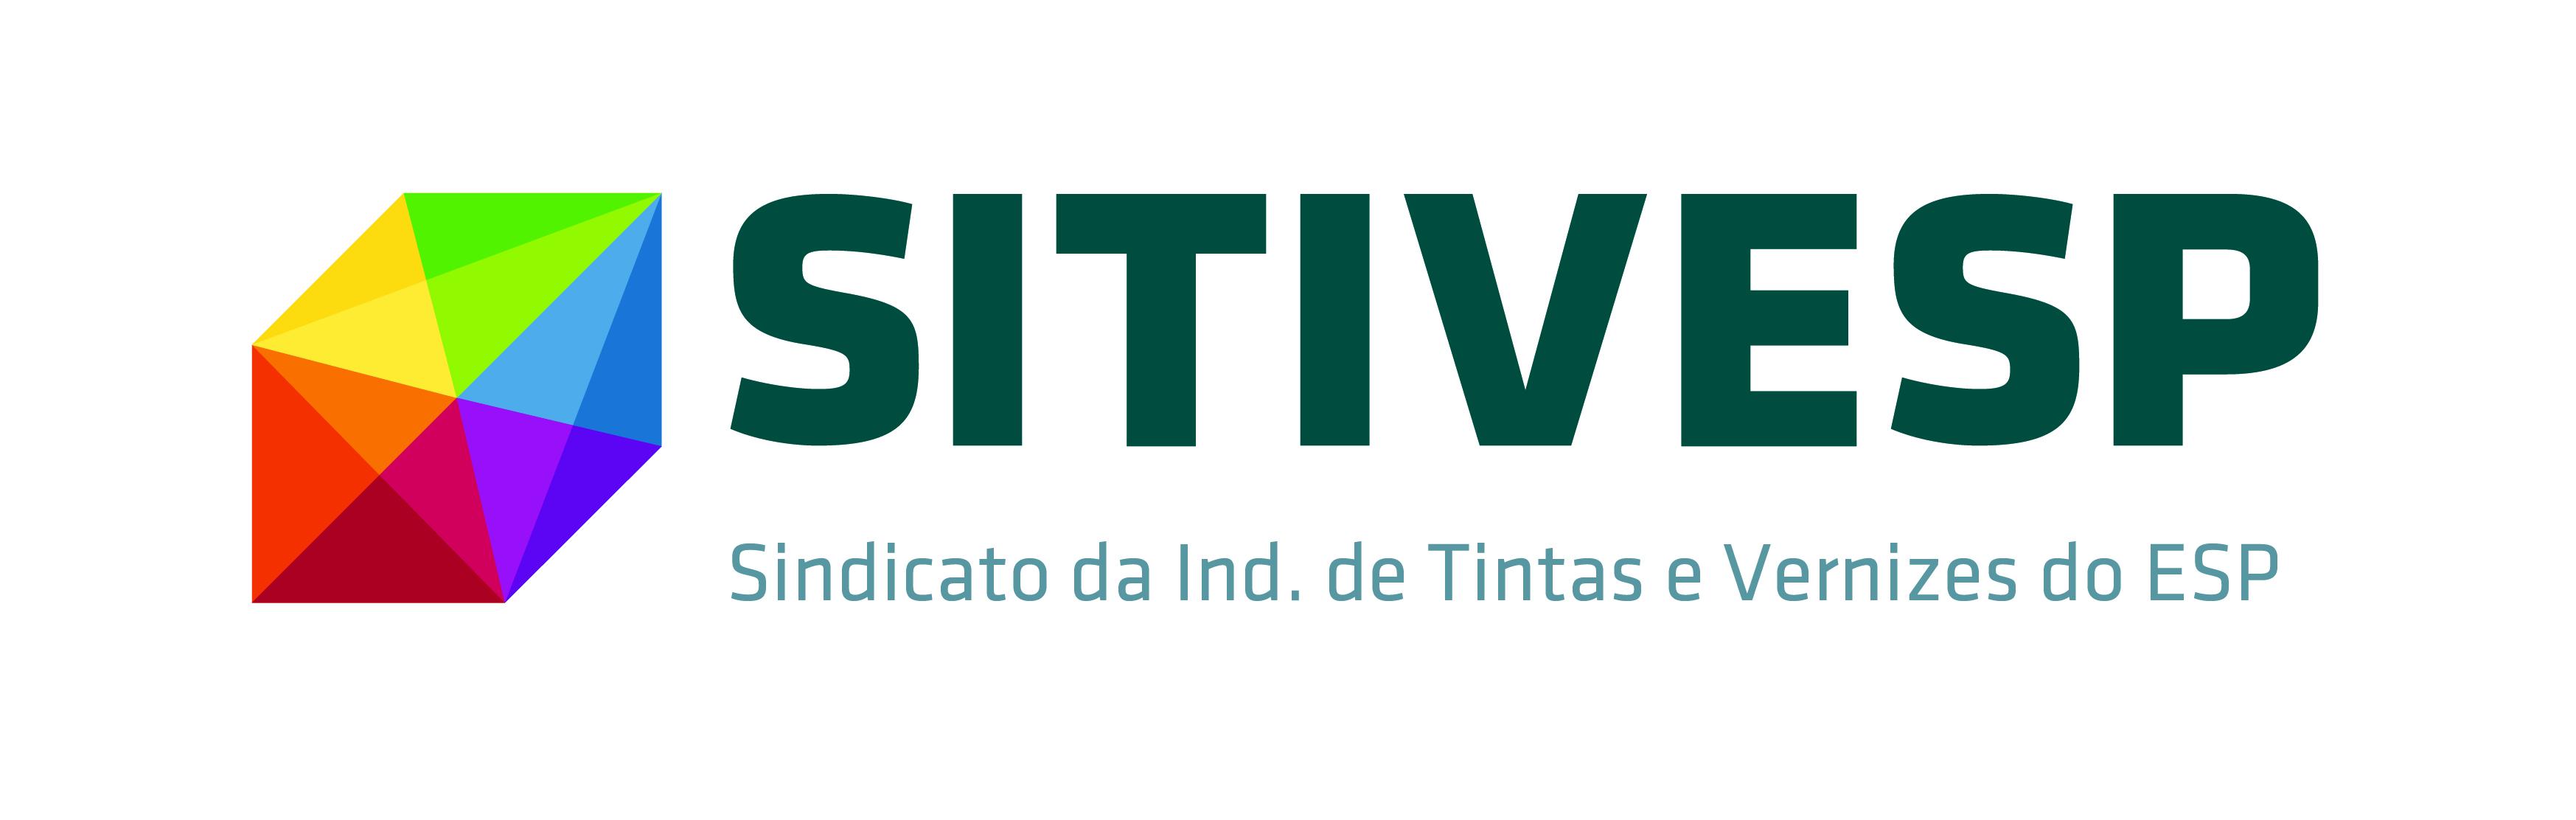 SITIVESP | Sindicato da Indústria de Tintas e Vernizes do Estado de São Paulo